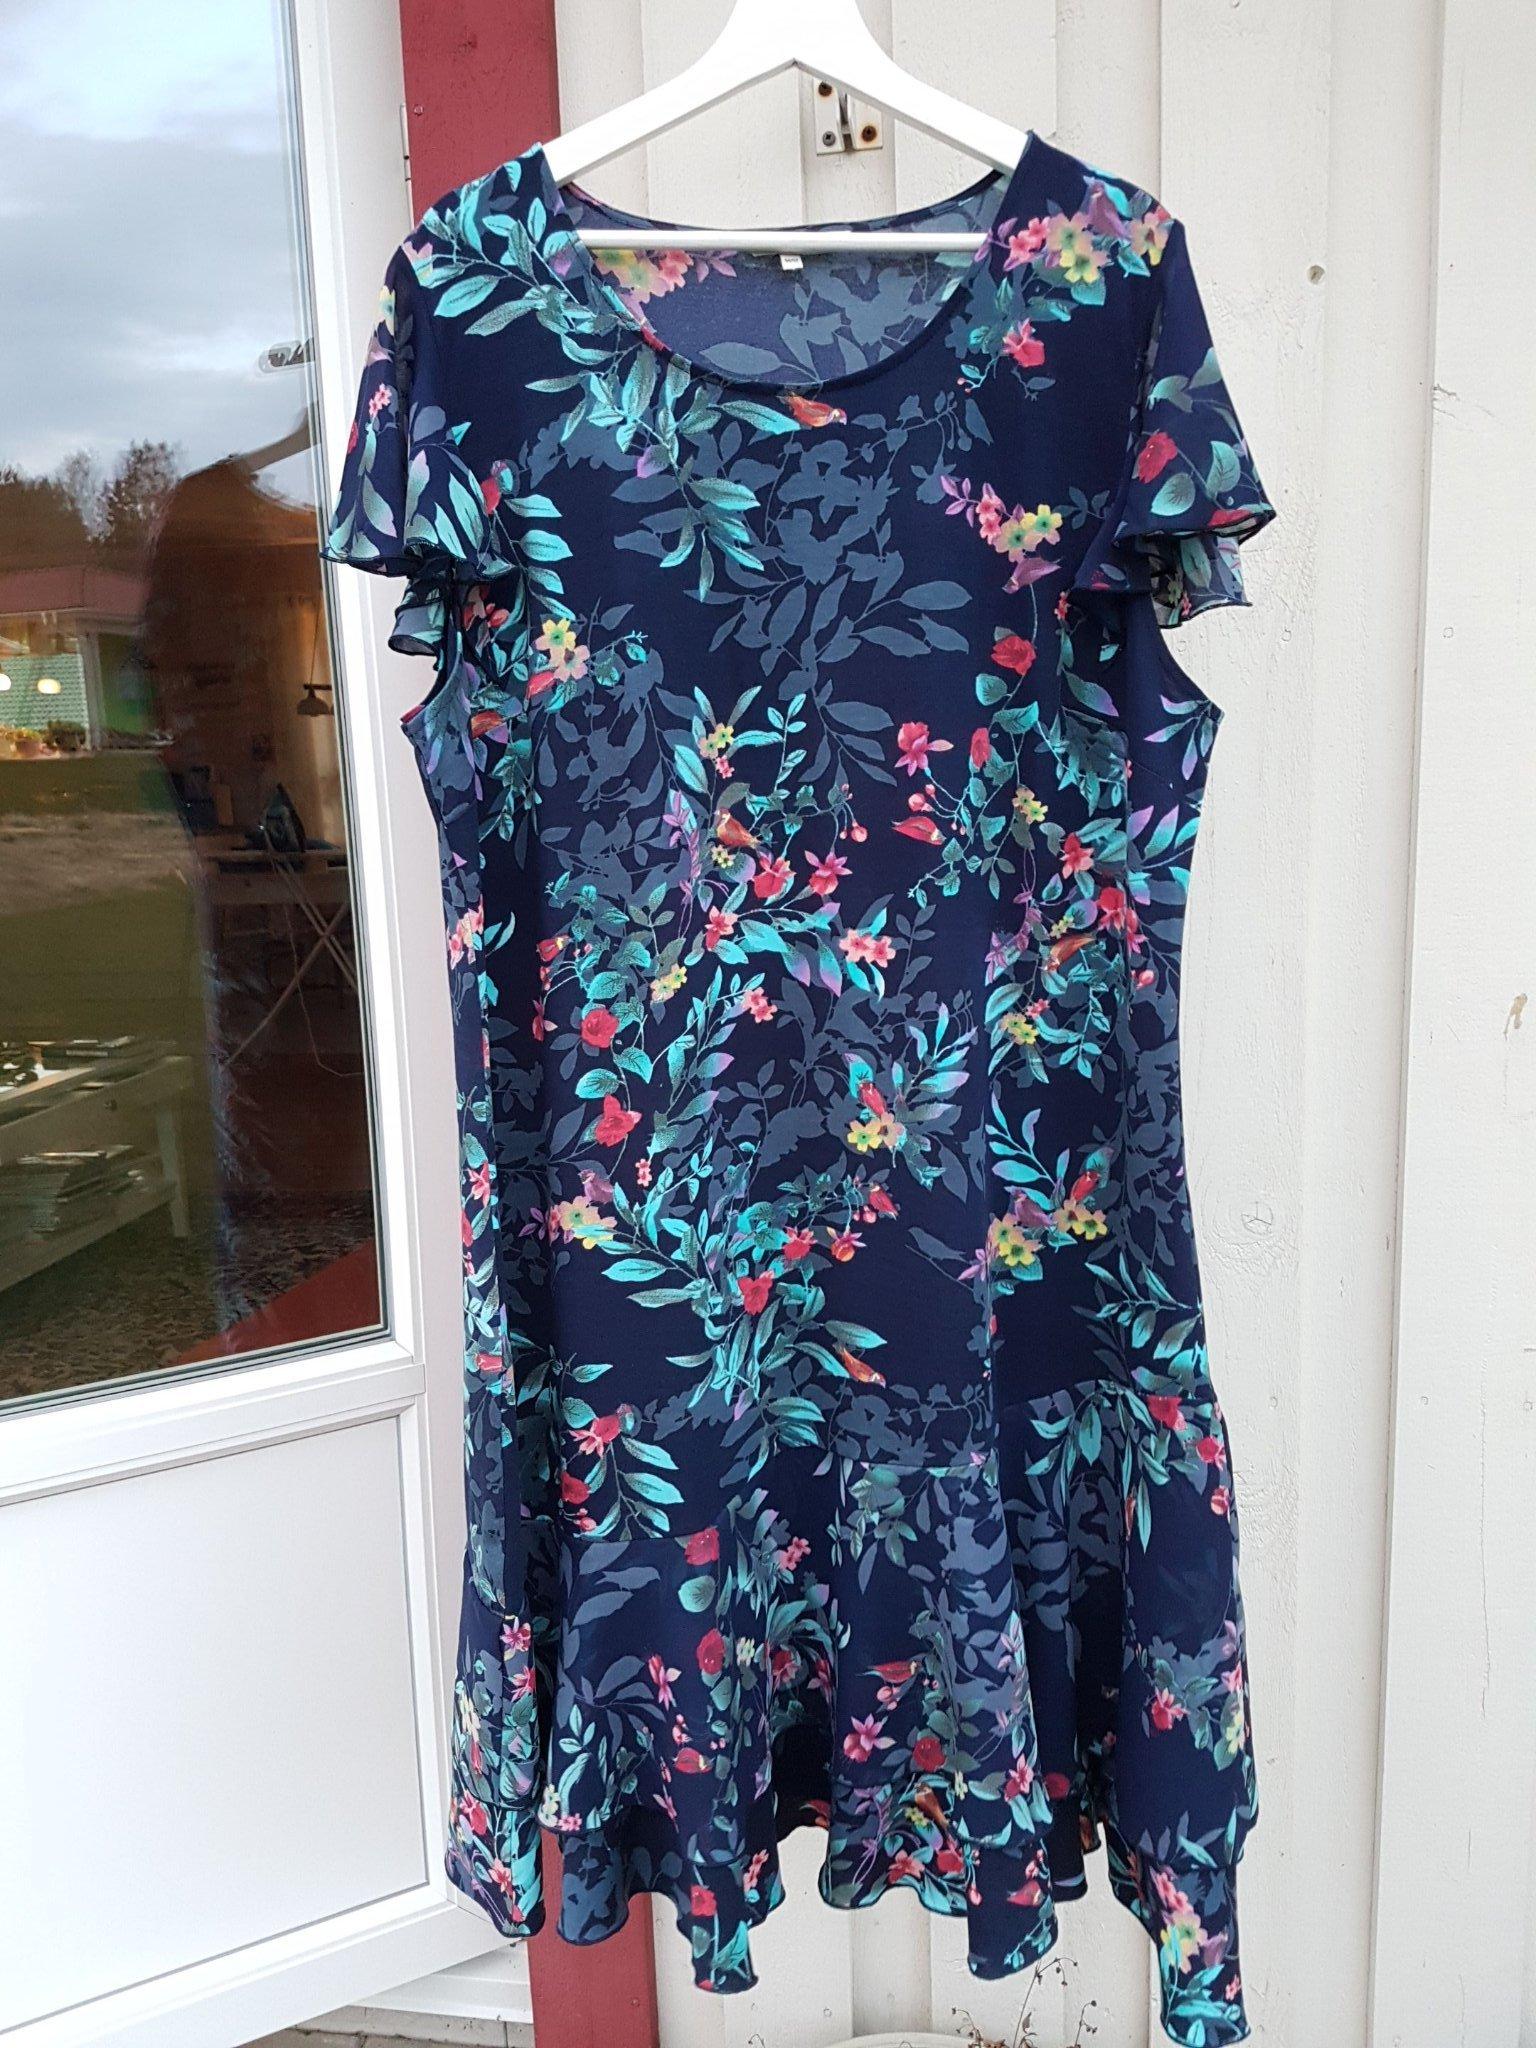 ac1909549163 Snygg marin blommig klänning stl 50/52 Ny! (348558069) ᐈ Köp på Tradera